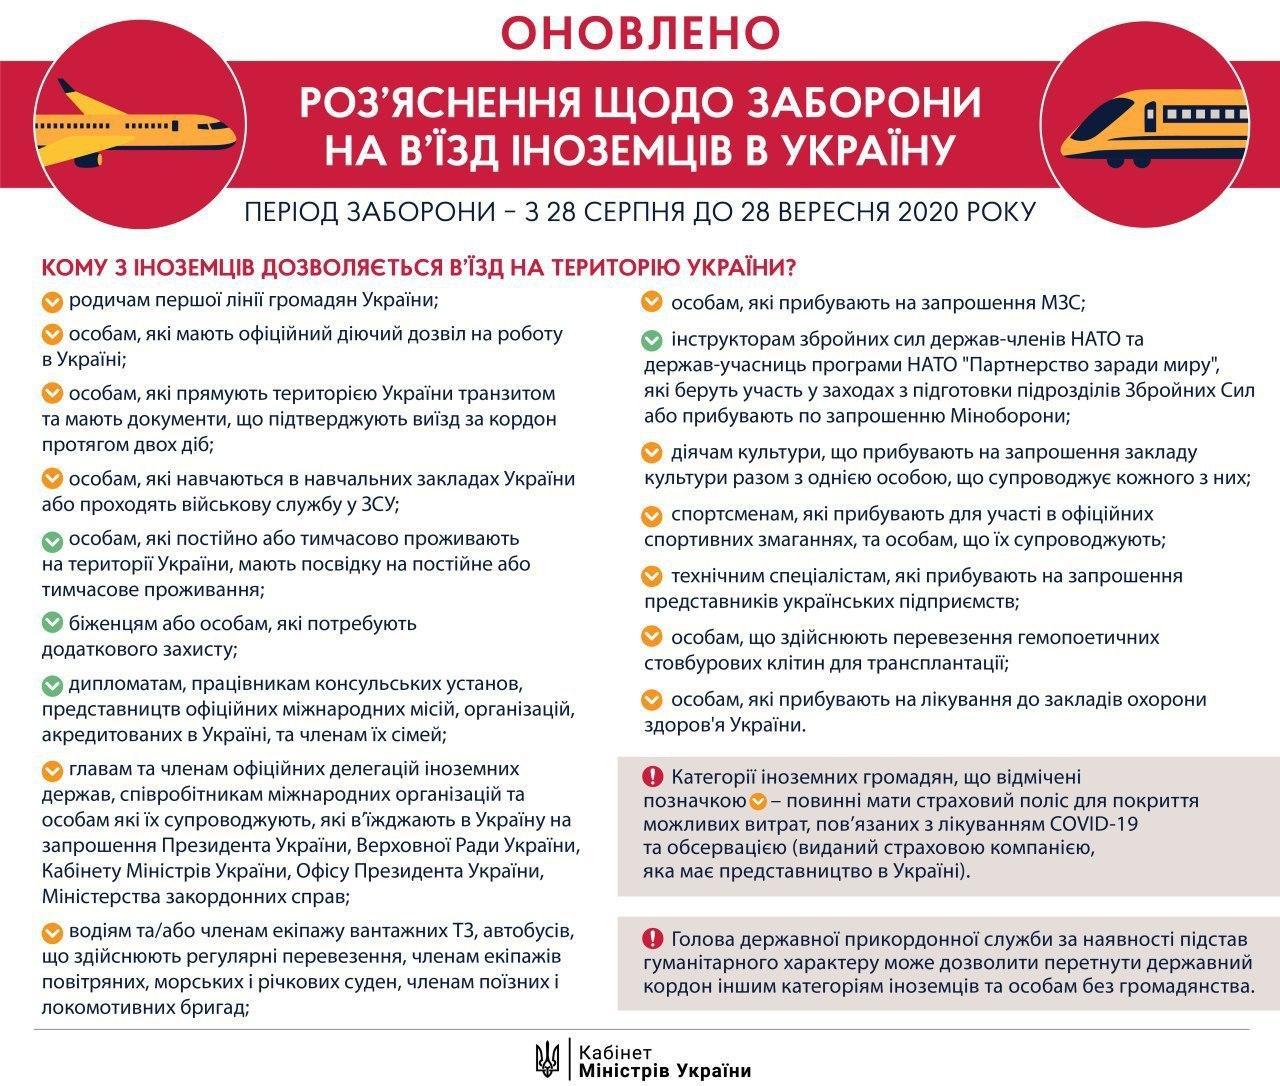 Закриття кордонів України: категорії іноземців, які можуть в'їхати